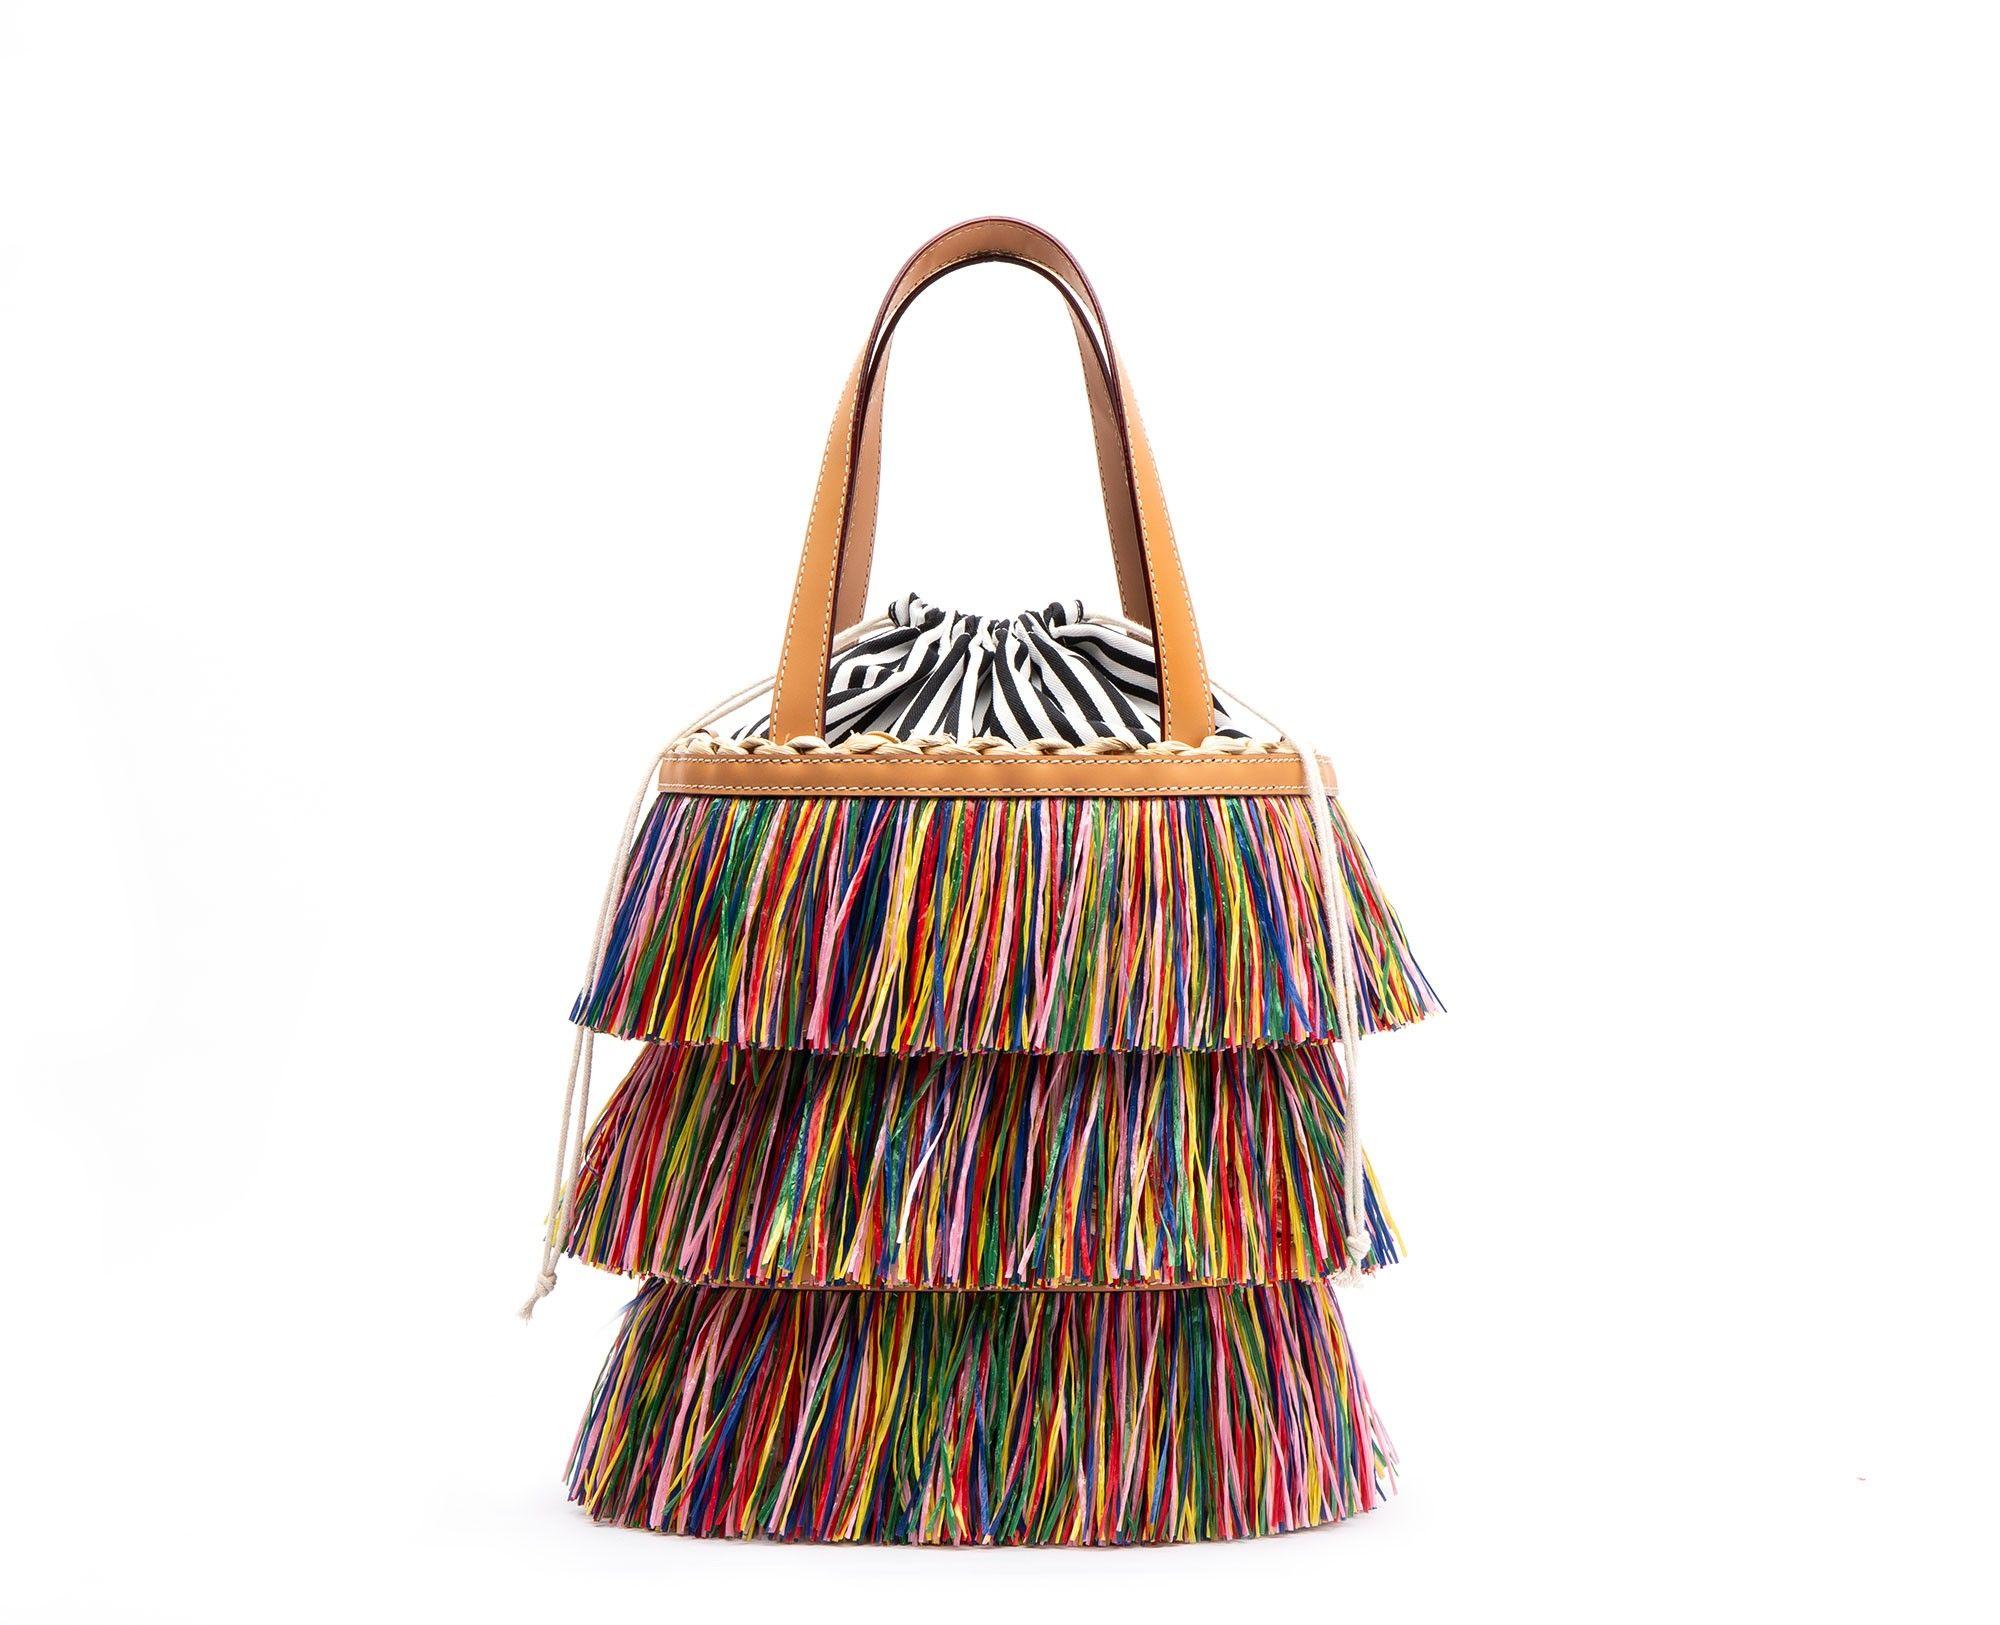 f13d83fdb9 Large Fringe Bucket Bag. Raffia fringe. Designed in New York by Kate  Valentine Spade.